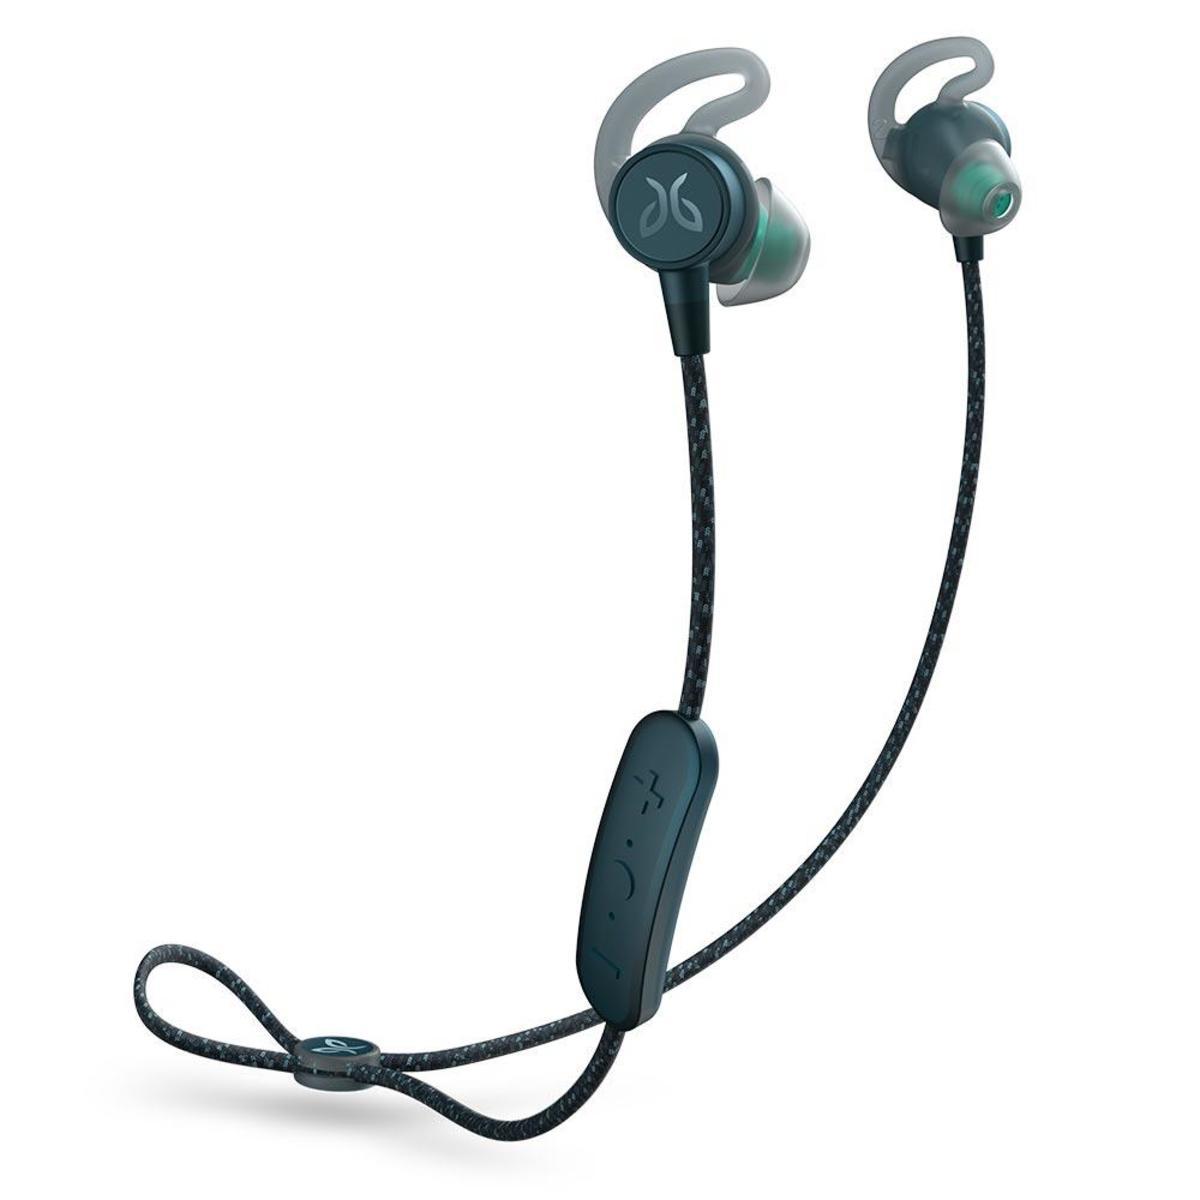 TARAH PRO 無線運動藍牙耳機 - Mineral Blue-Jade【香港行貨】